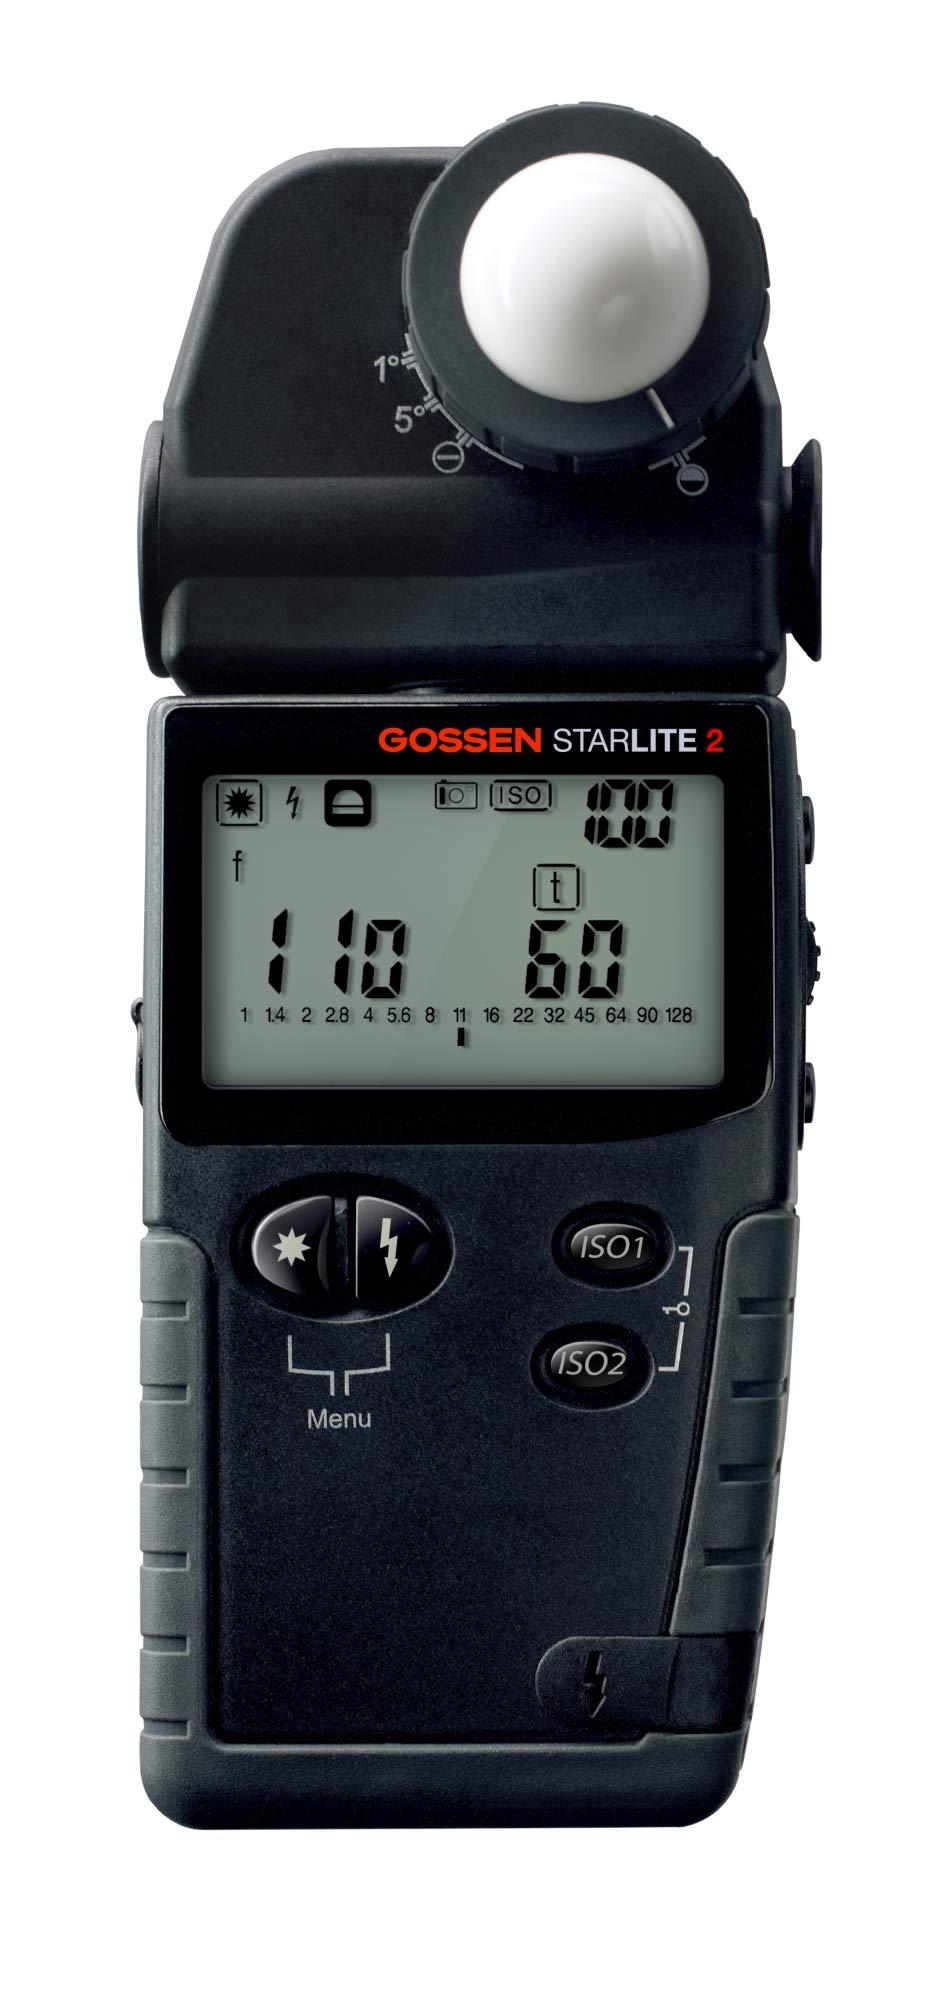 Gossen GO 4046 Starlite 2 Exposure Meter (Black) by Gossen